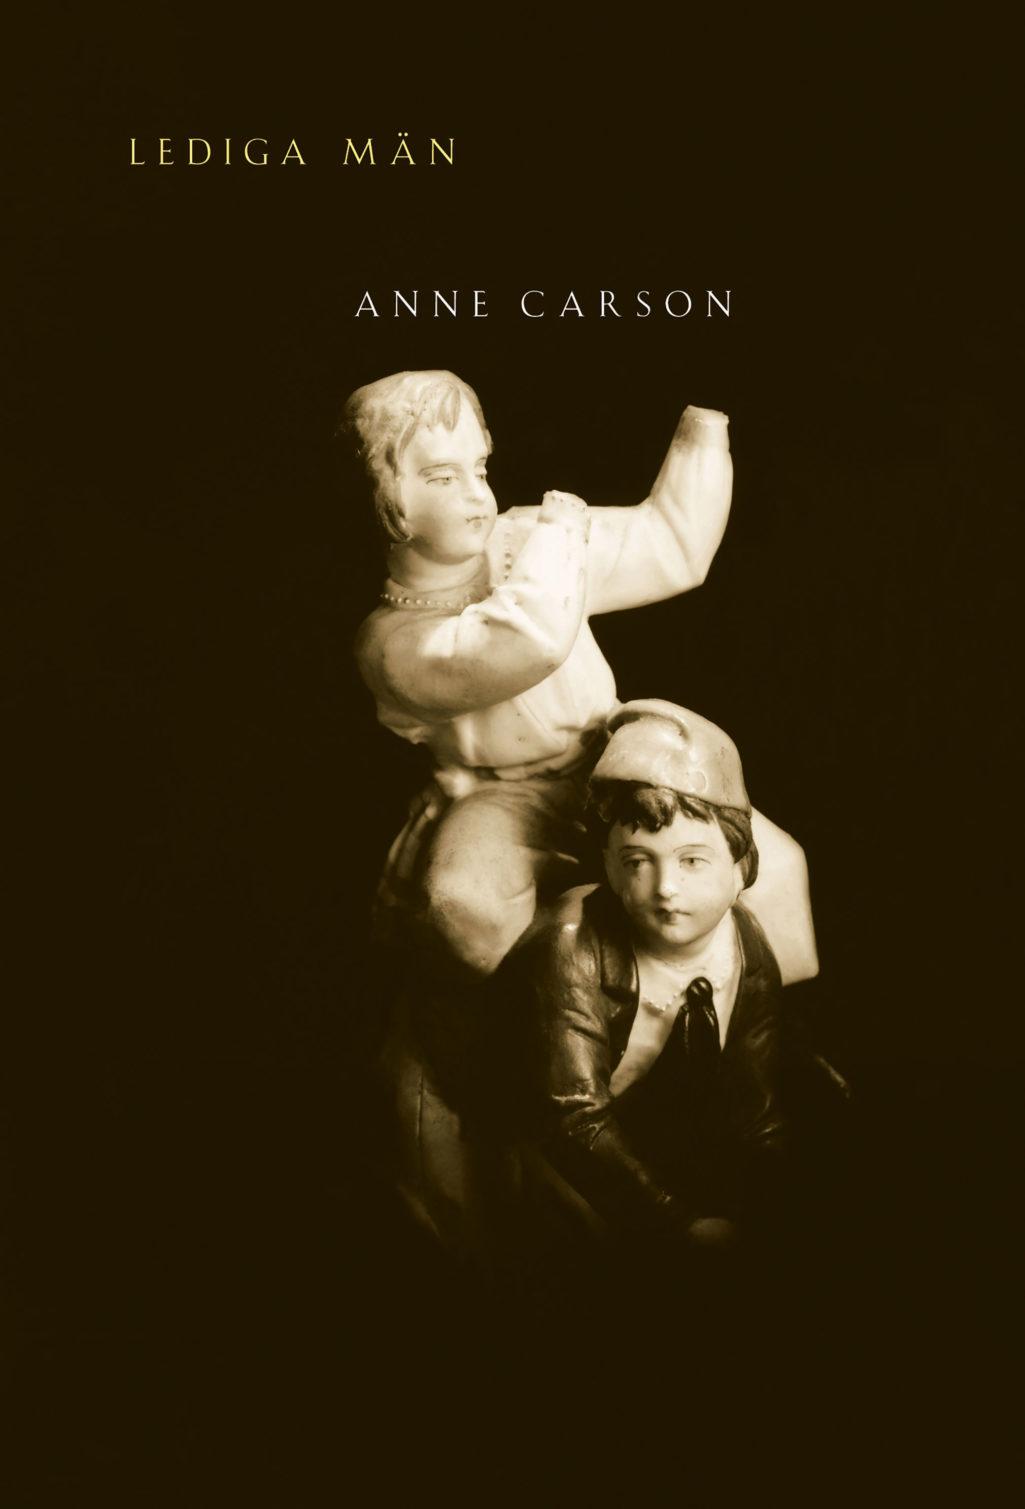 boktips-rescension-lediga-man-anne-carson-omslag-2